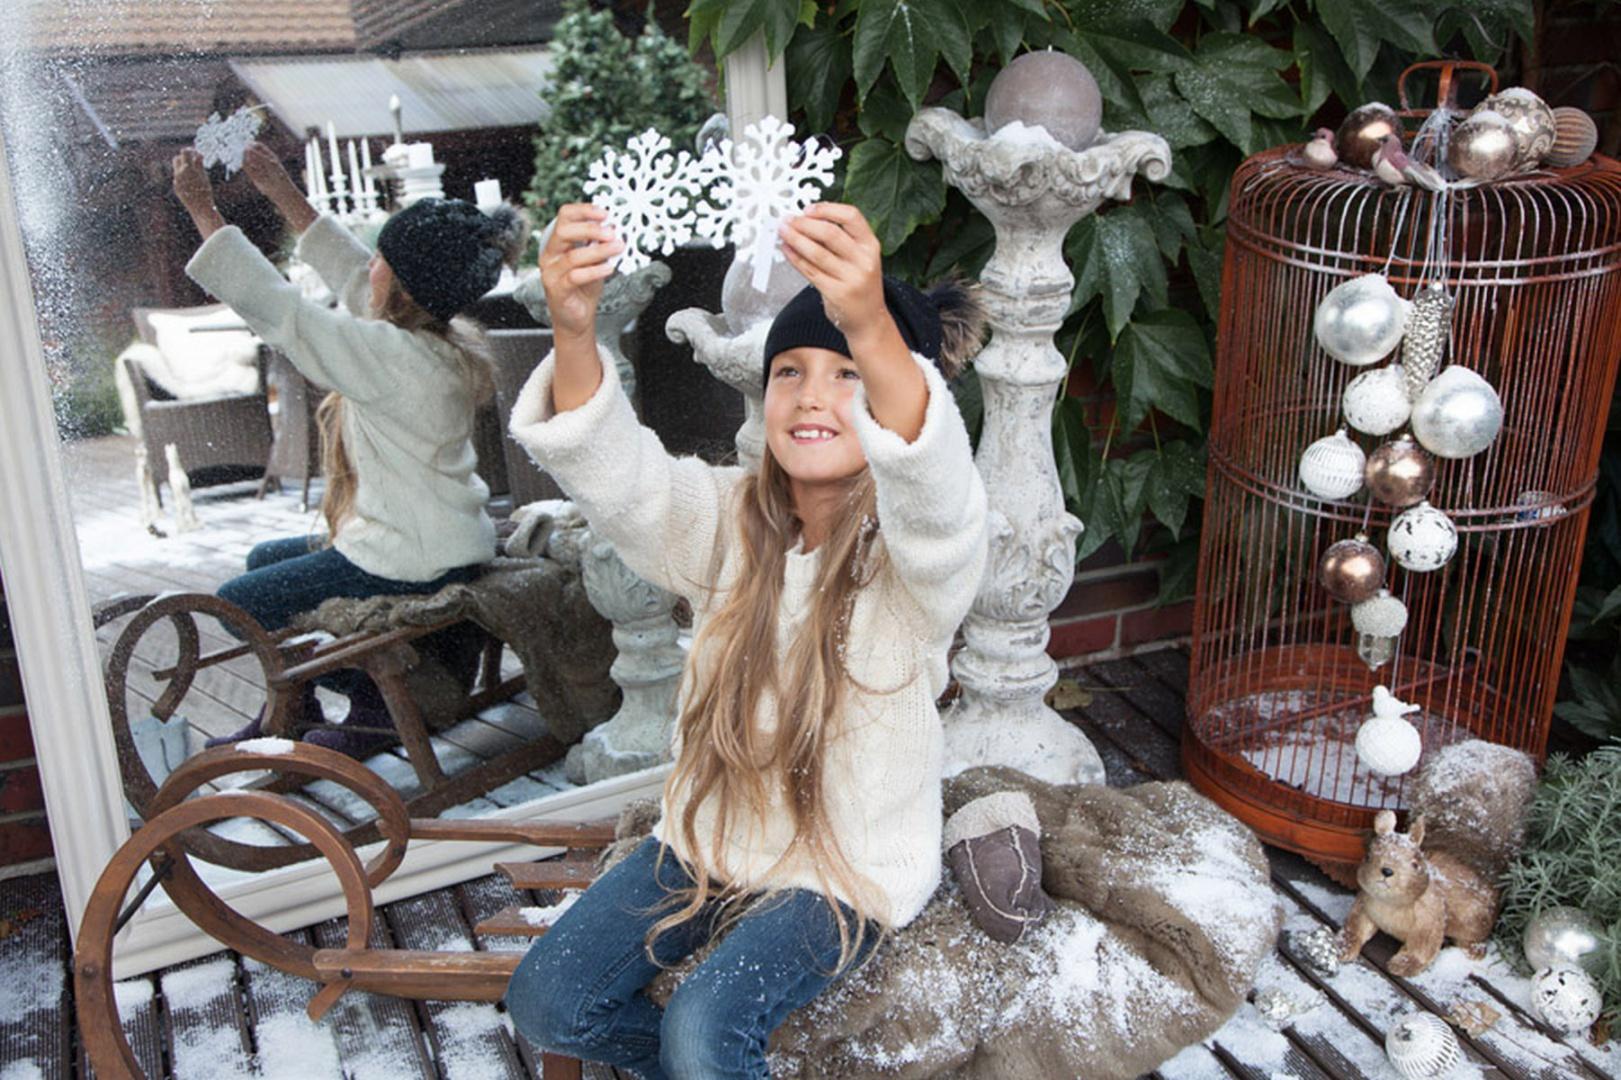 Białe śnieżynki, szklane bombki czy inne stylowe dekoracje z kolekcji White Forest marki Almi Decor. Fot. Almi Decor.